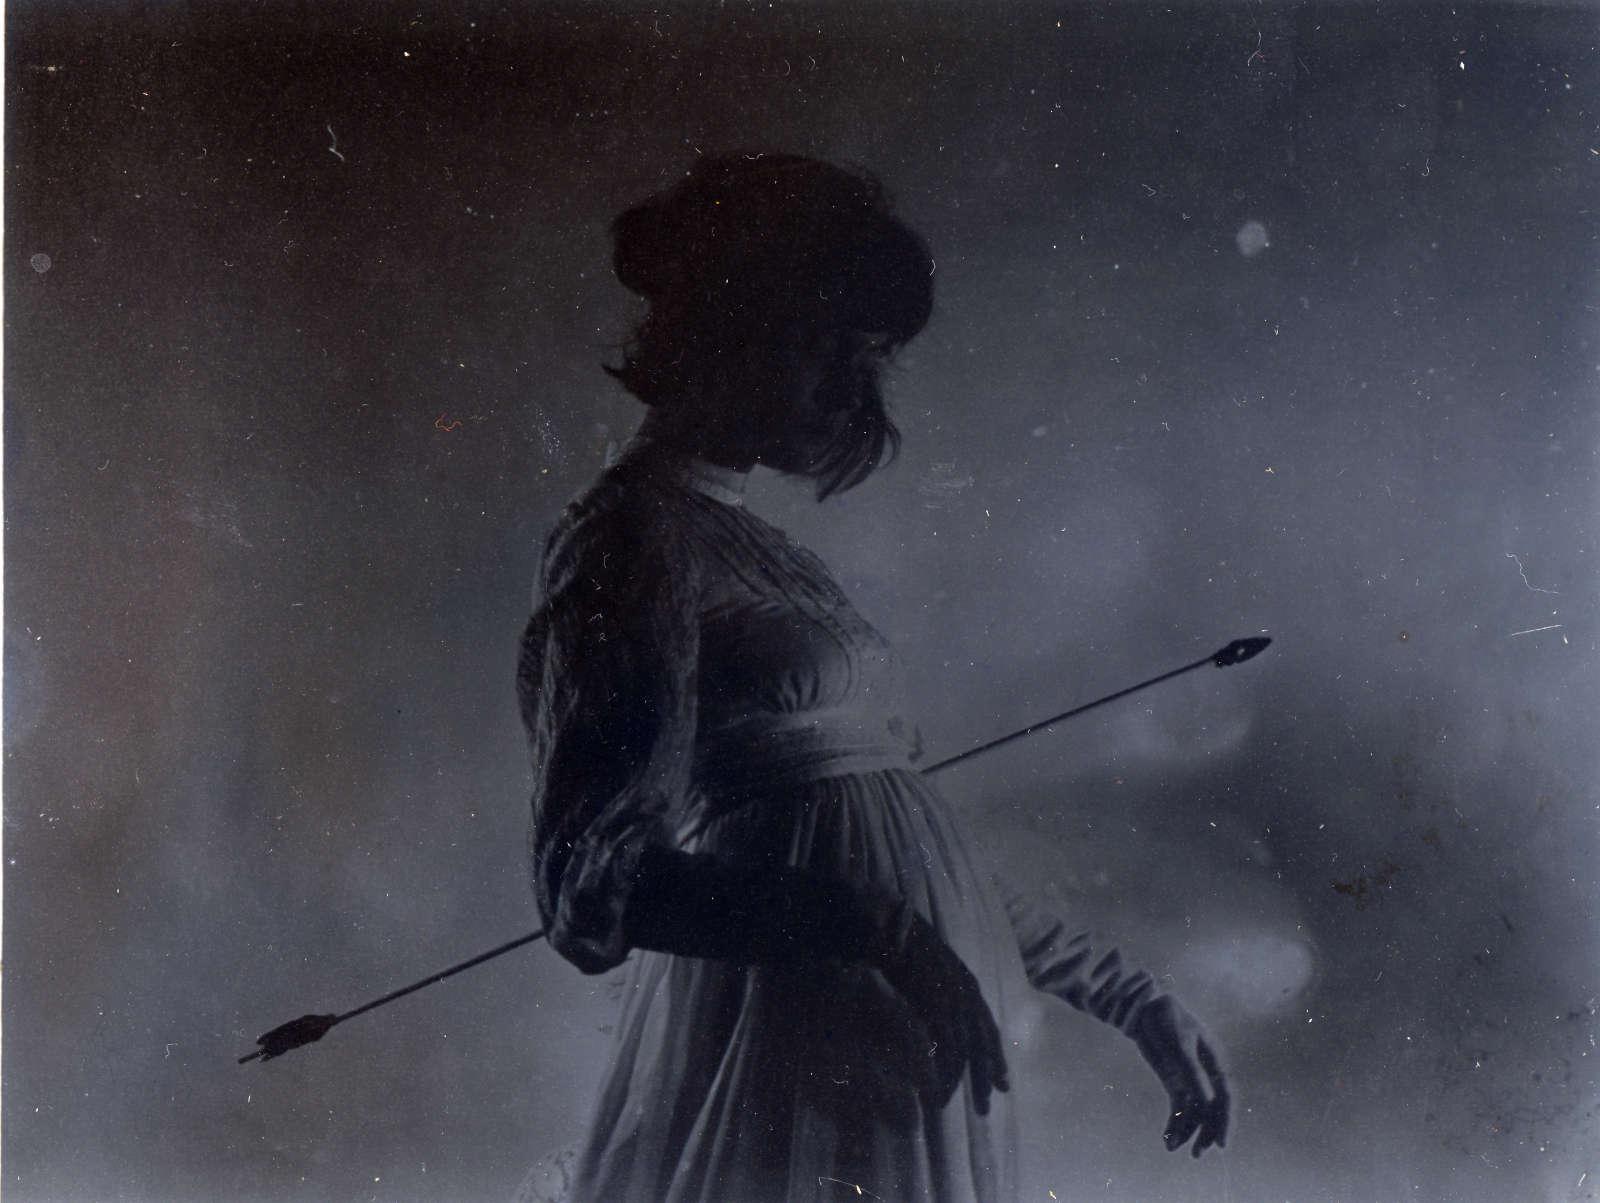 Arrow, 2016